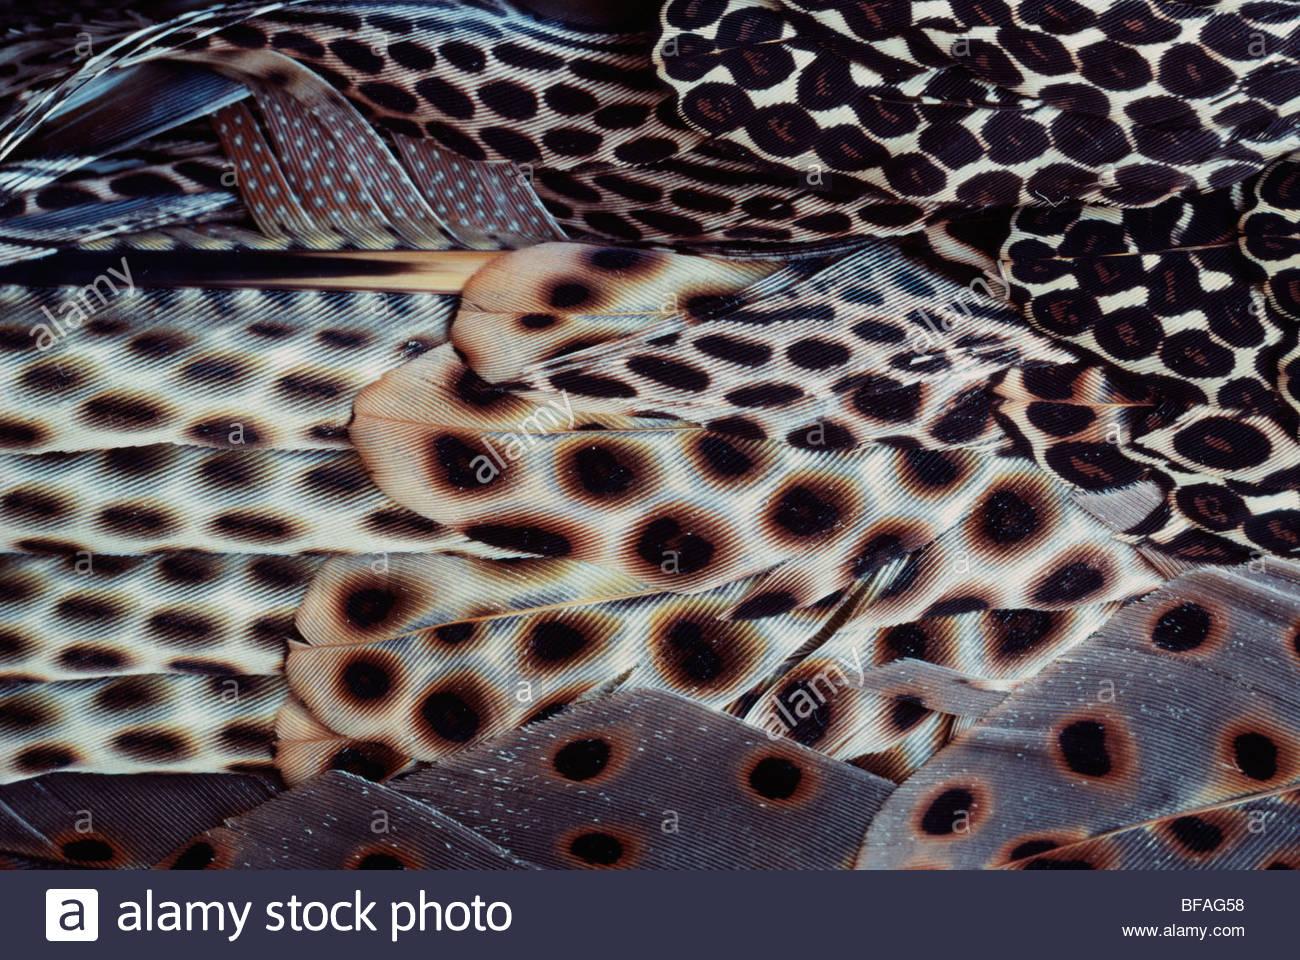 Greater argus pheasant male wing plumage, Argusianus argus, Borneo - Stock Image